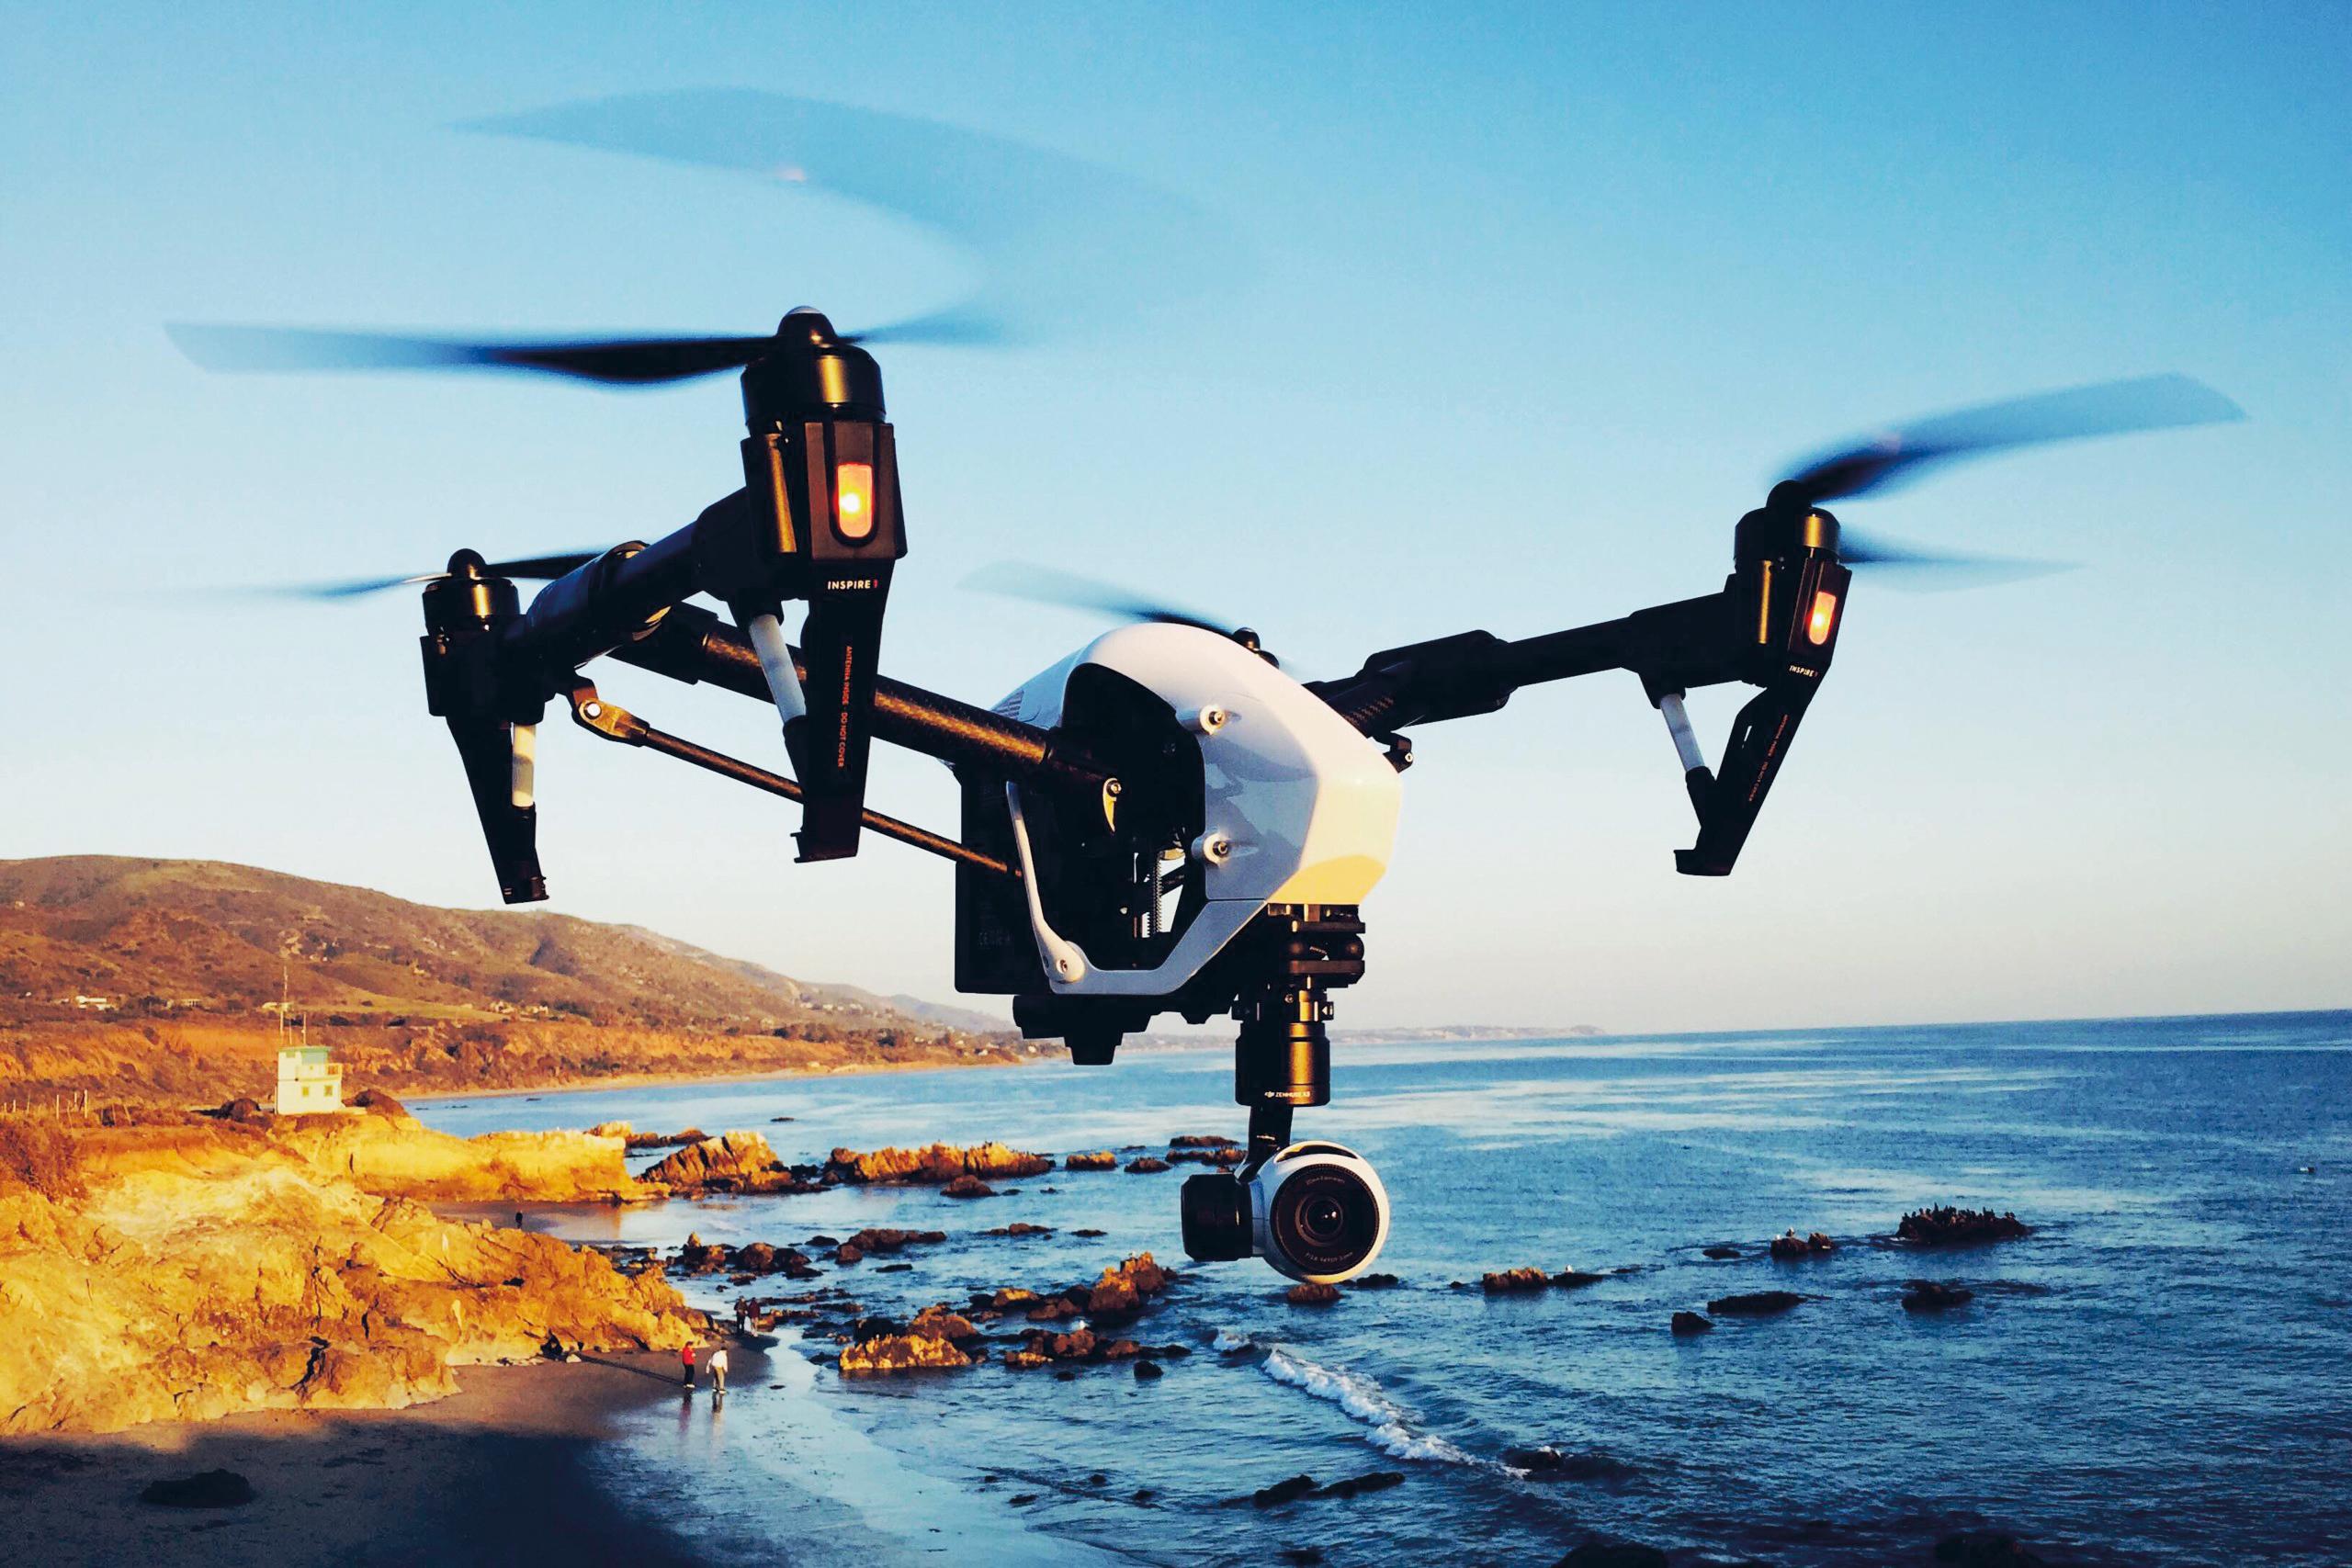 Captura de imágenes por medio de drones